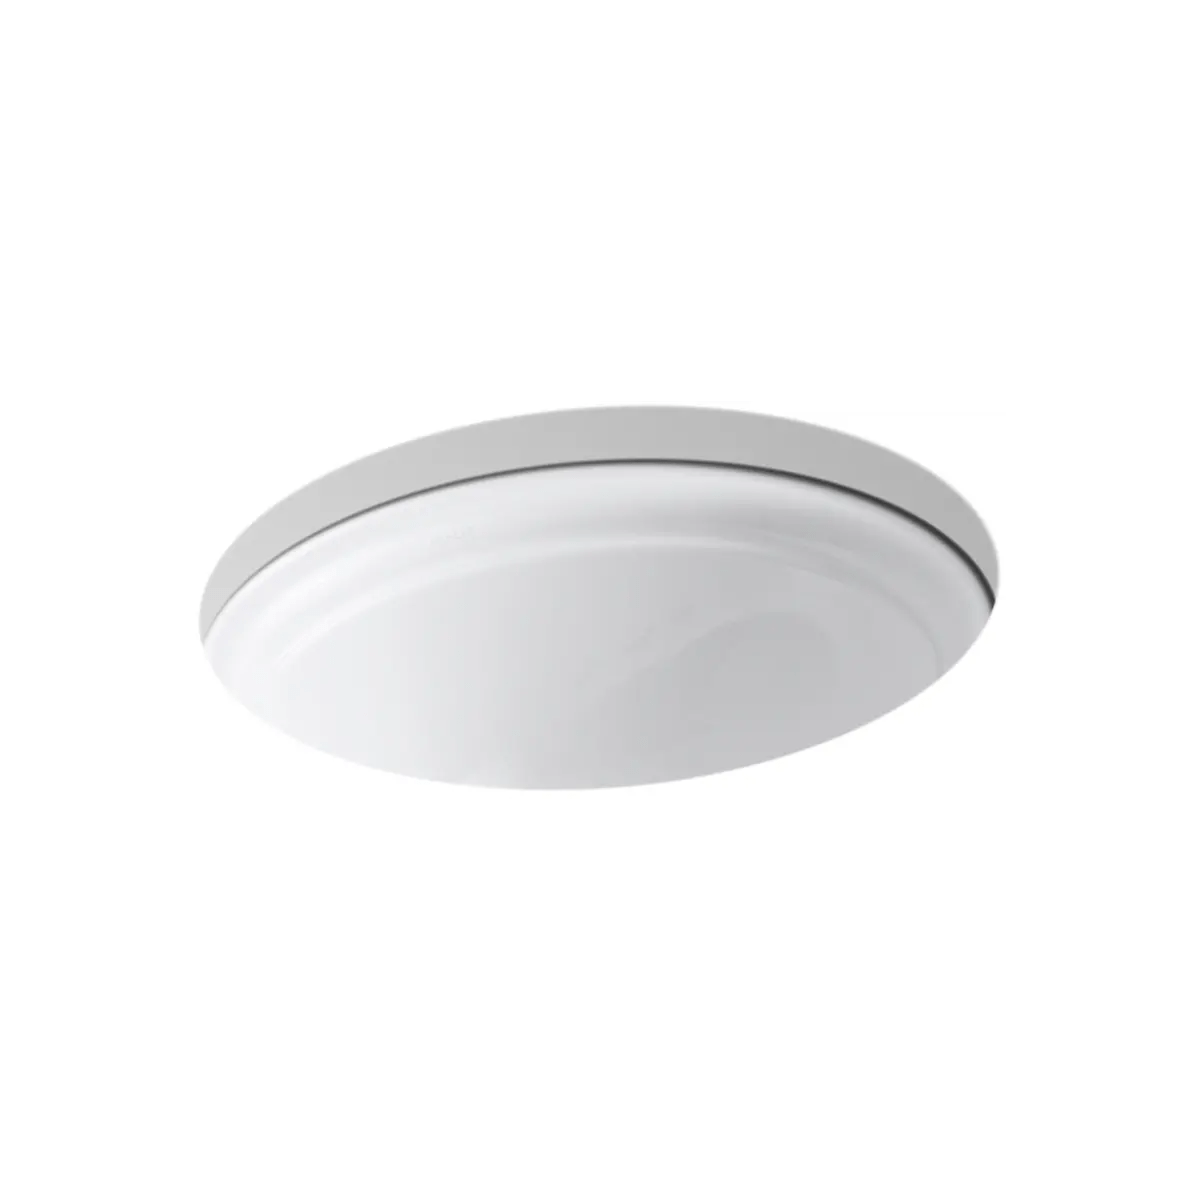 kohler k 2350 0 white devonshire 16 7 8